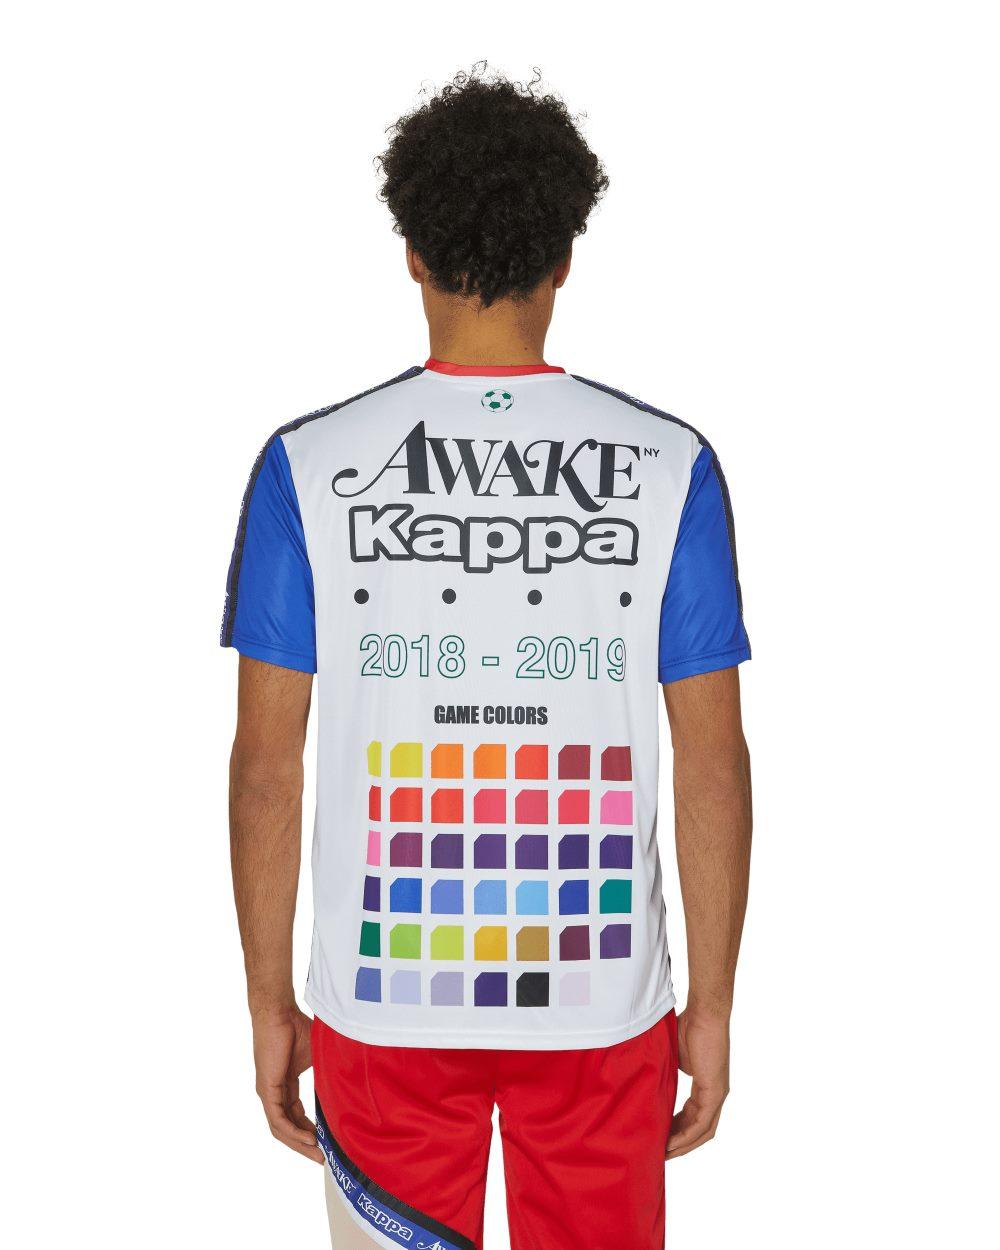 Awake x Kappa Evander Jersey WhiteRoyalRed 4